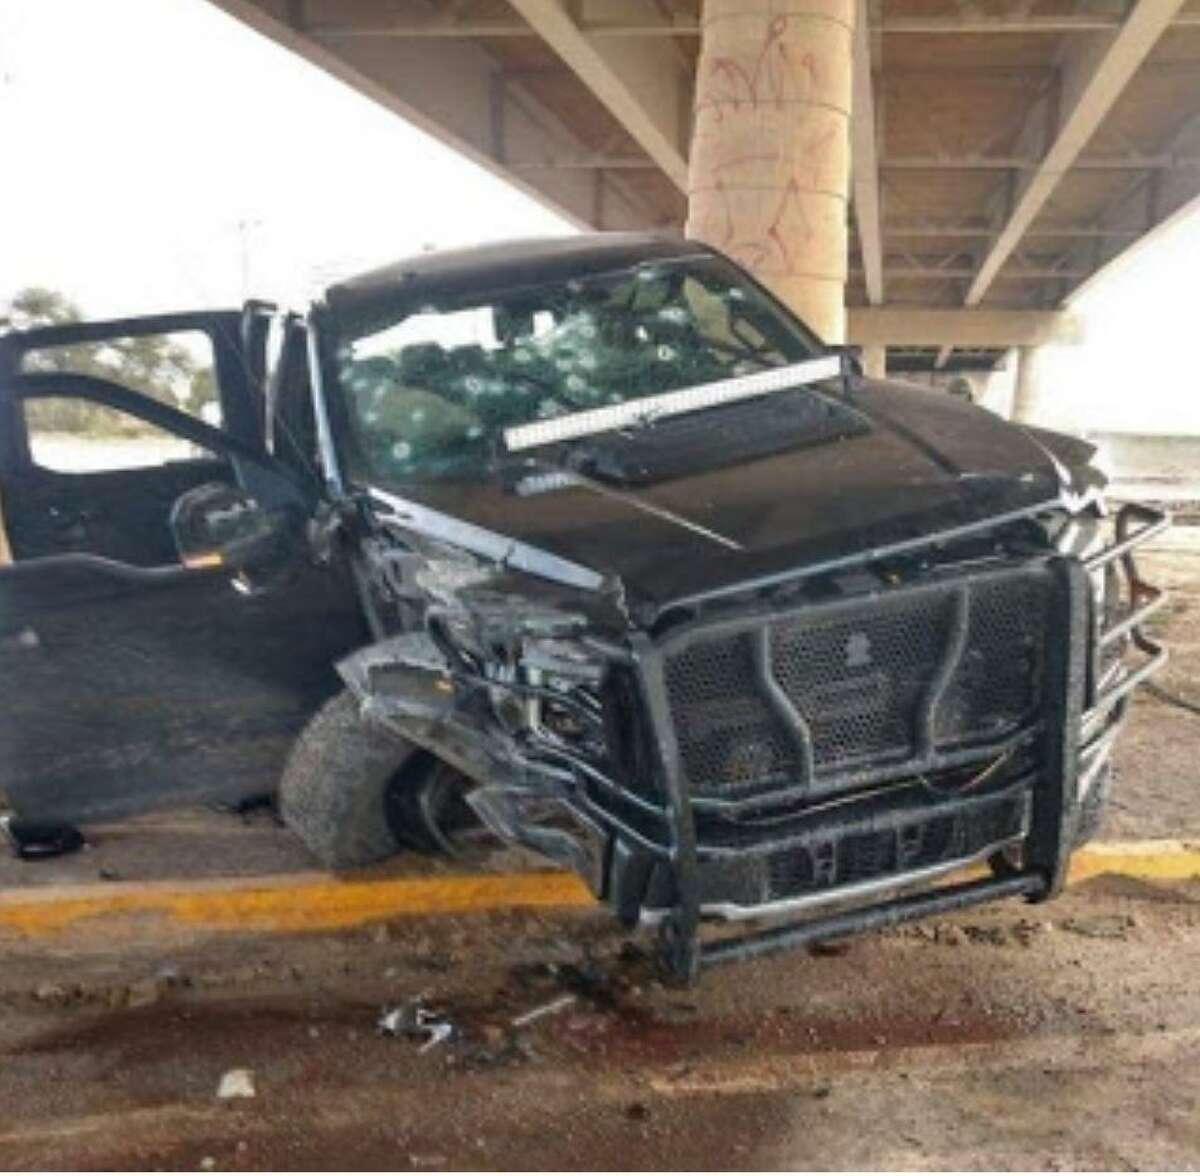 Un camioneta quedó severamento dañada después del tiroteo del jueves en Nuevo Laredo.